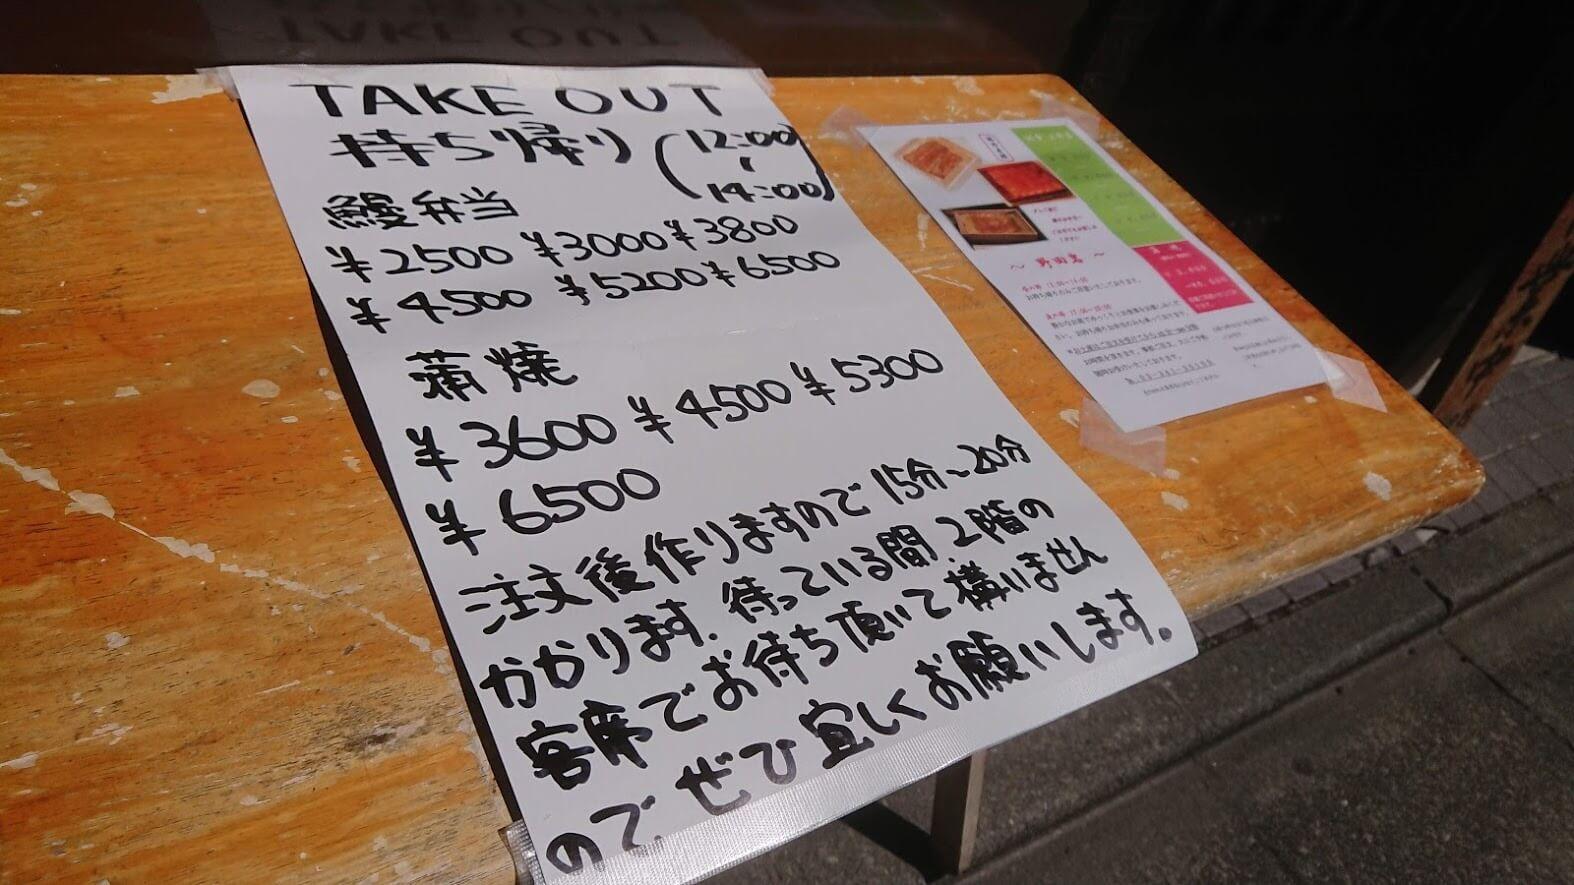 野田岩 下北沢店 テイクアウト写真